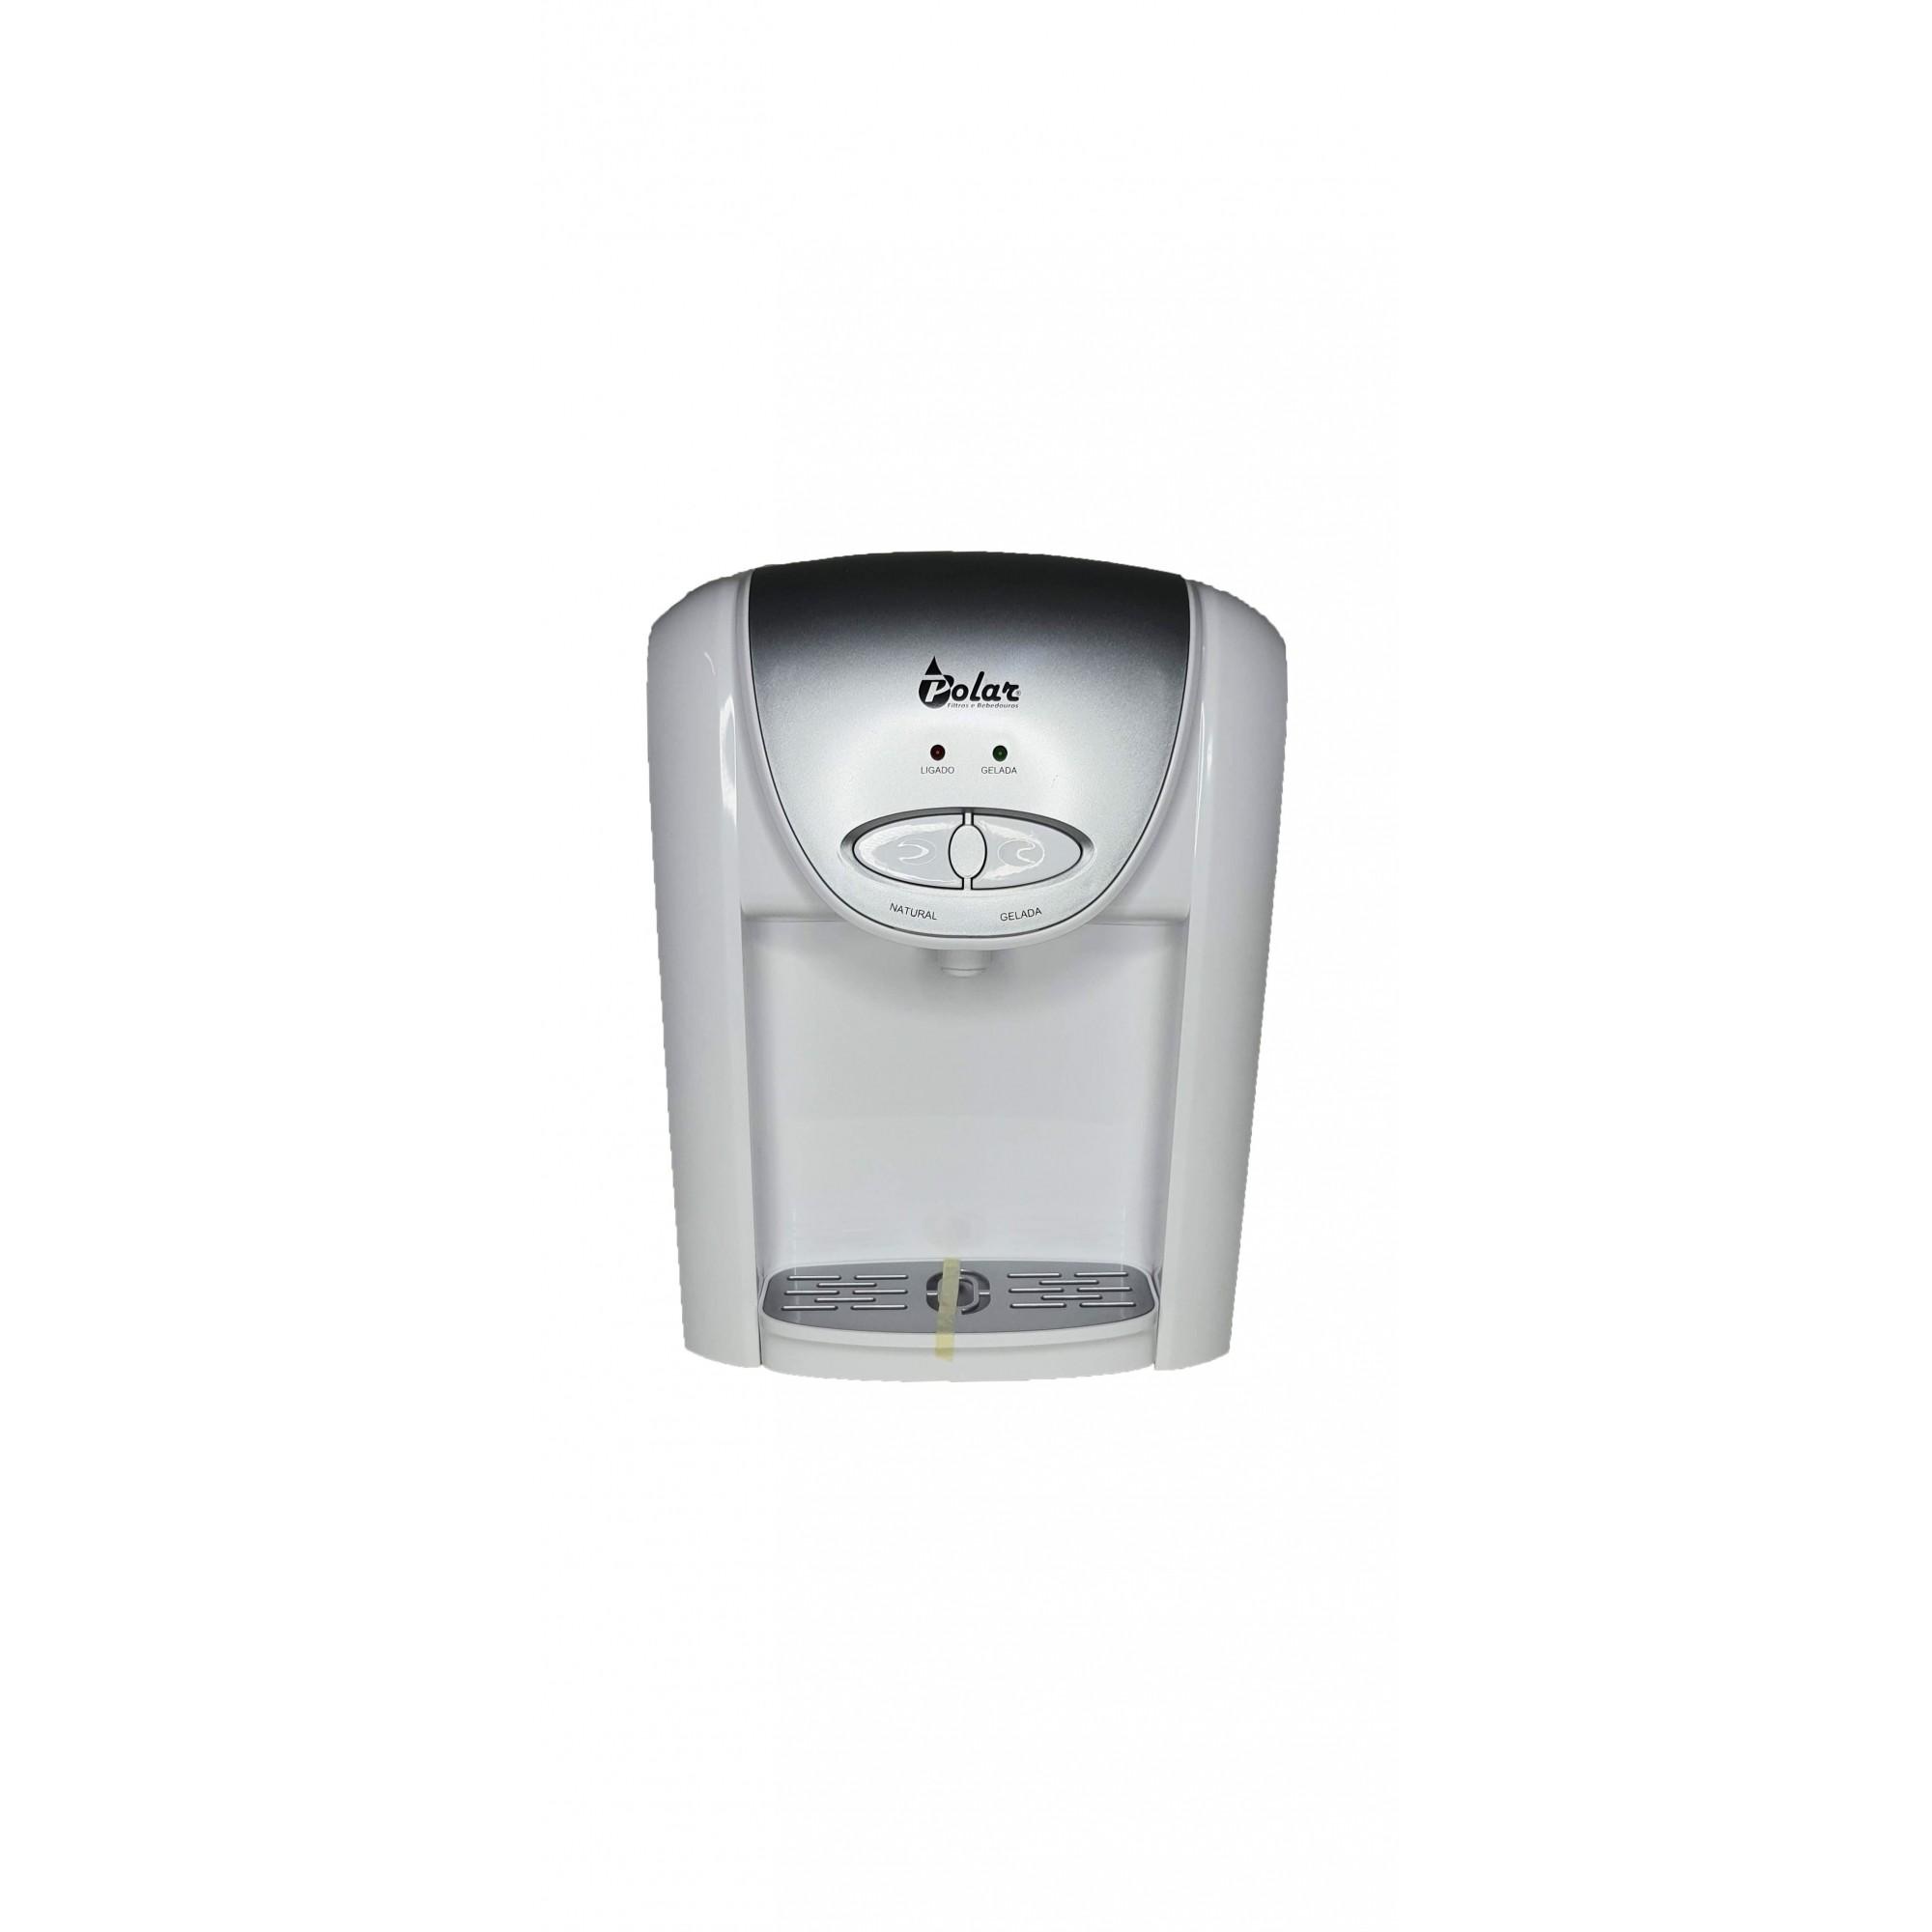 Purificador de Água Eletrônico Branco Natural e Gelada 220V - SV9000B